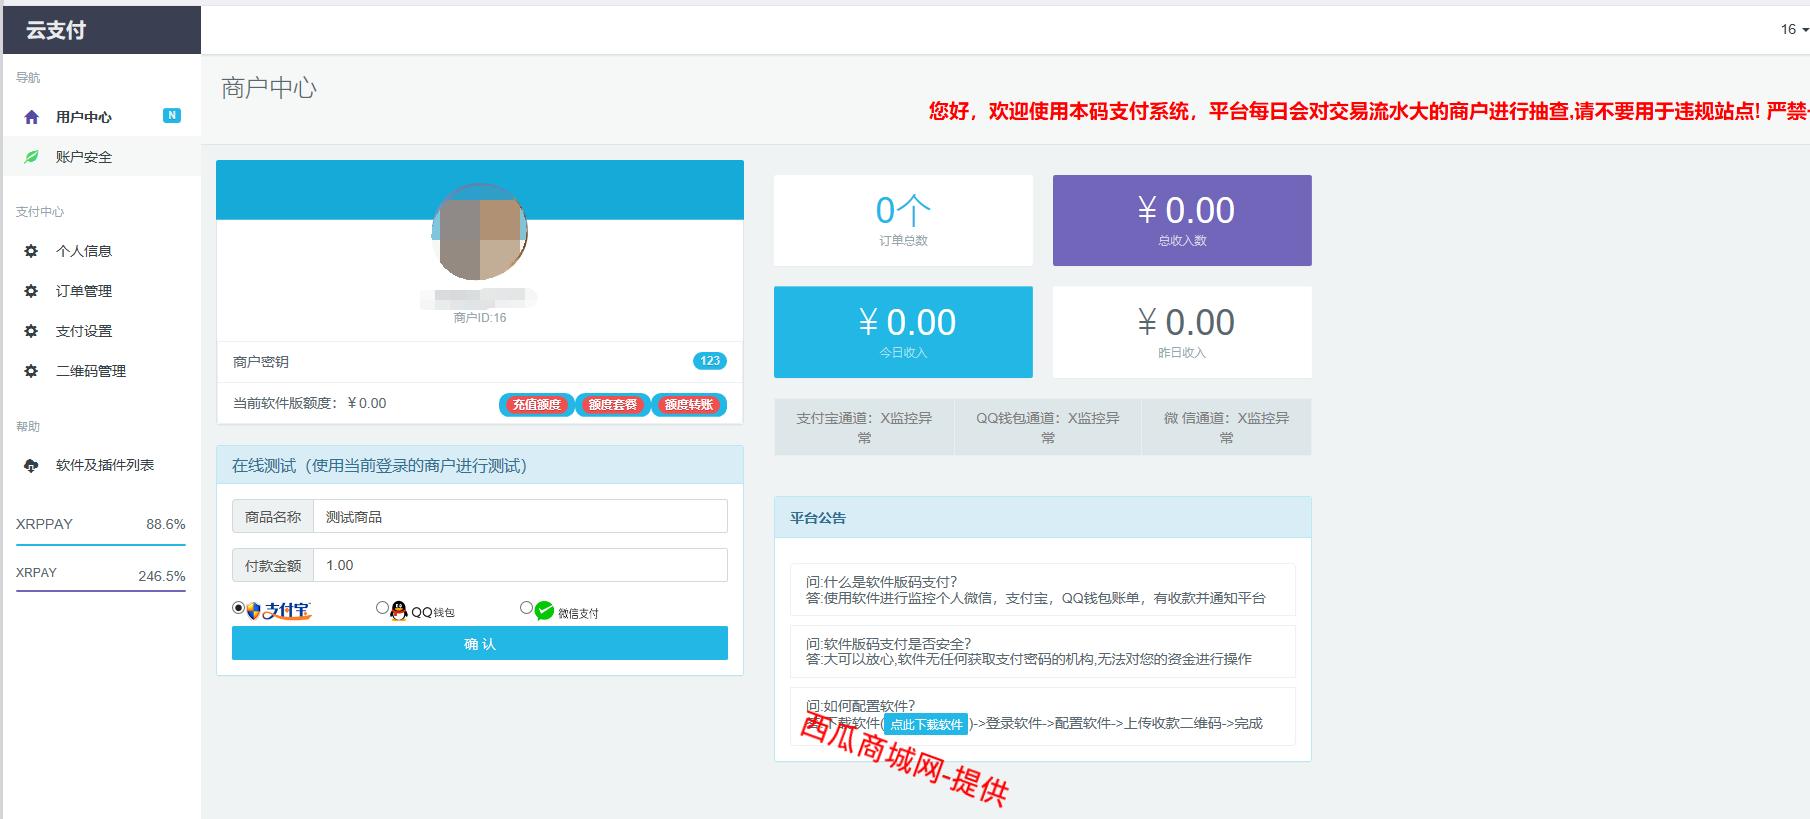 【码支付系统】无授权—个人免签约支付系统二维码收款即时到账源码 -西瓜商城网